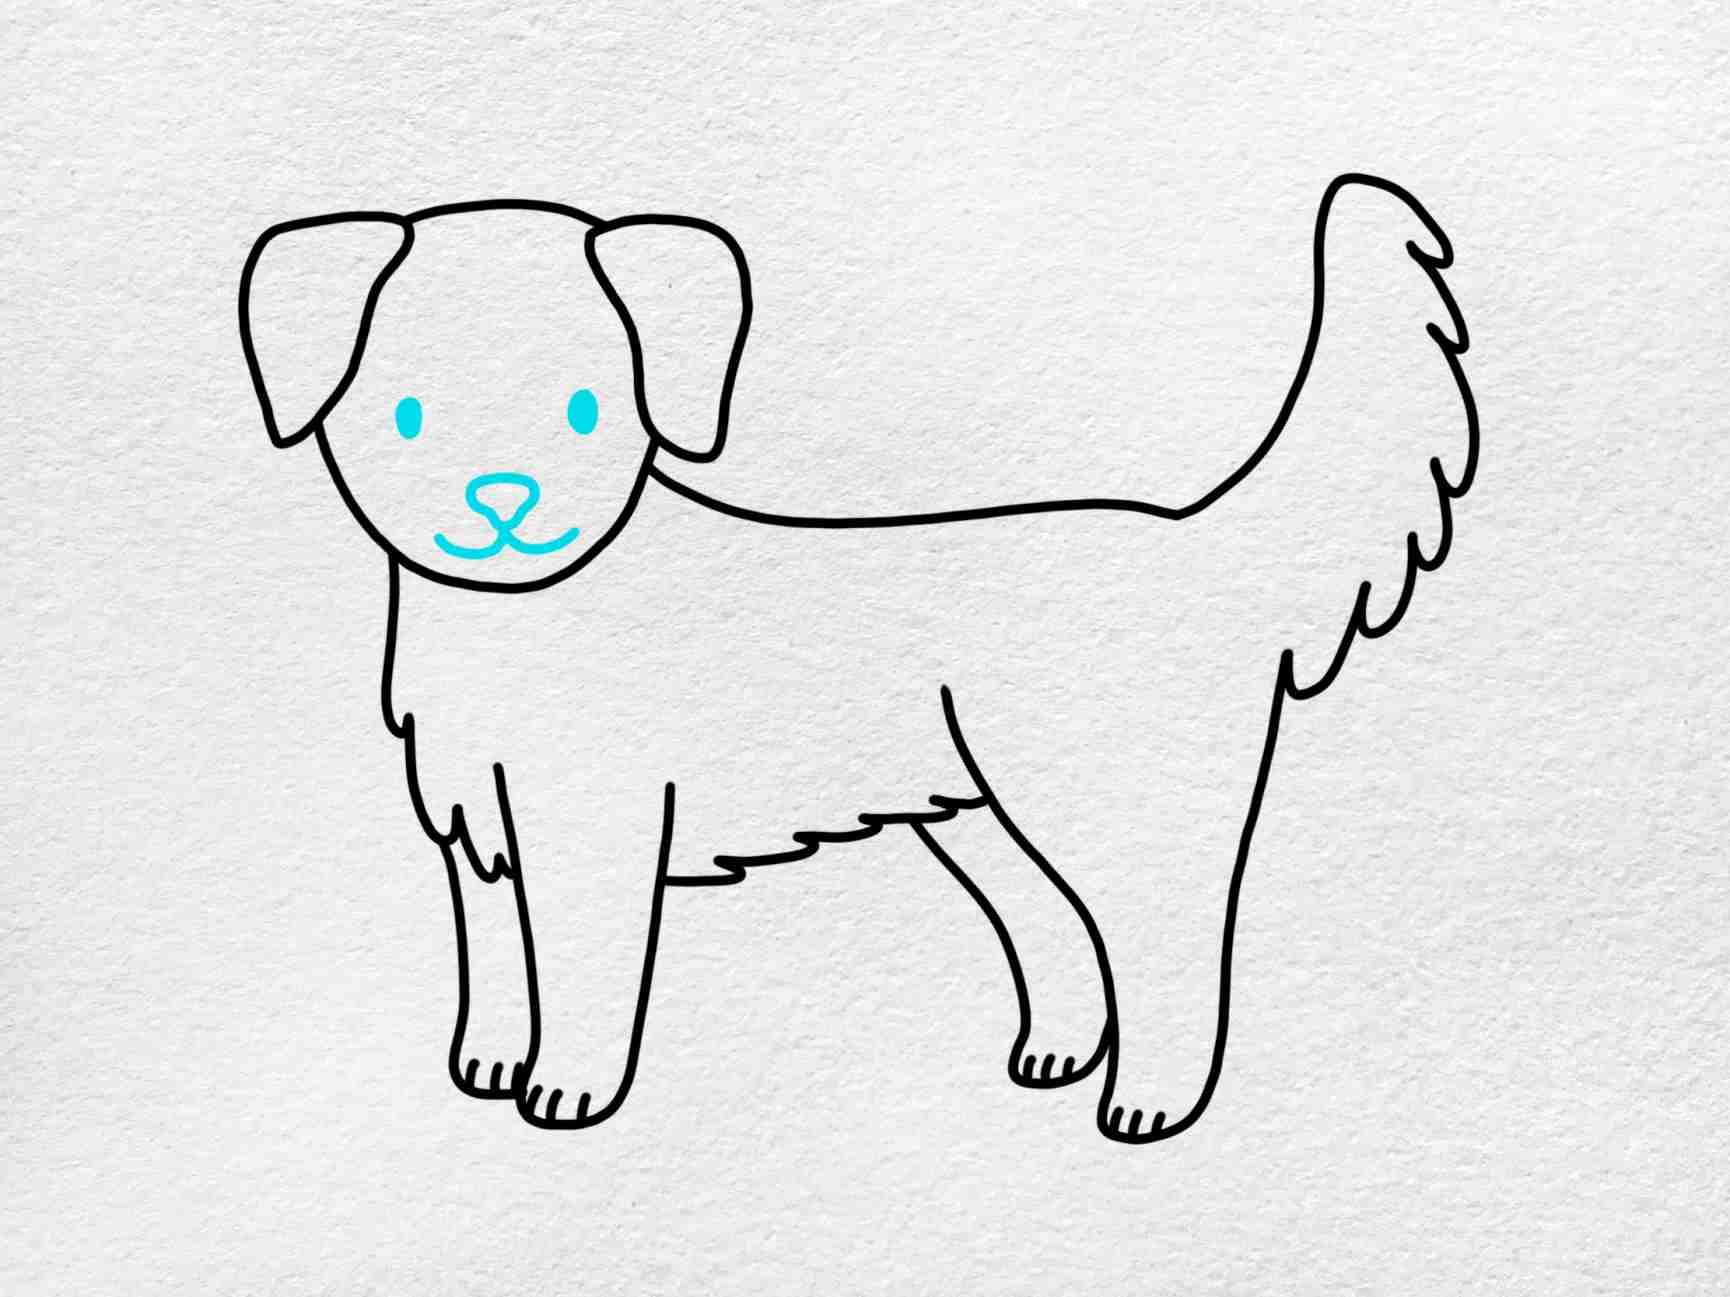 How To Draw A Golden Retriever: Step 7